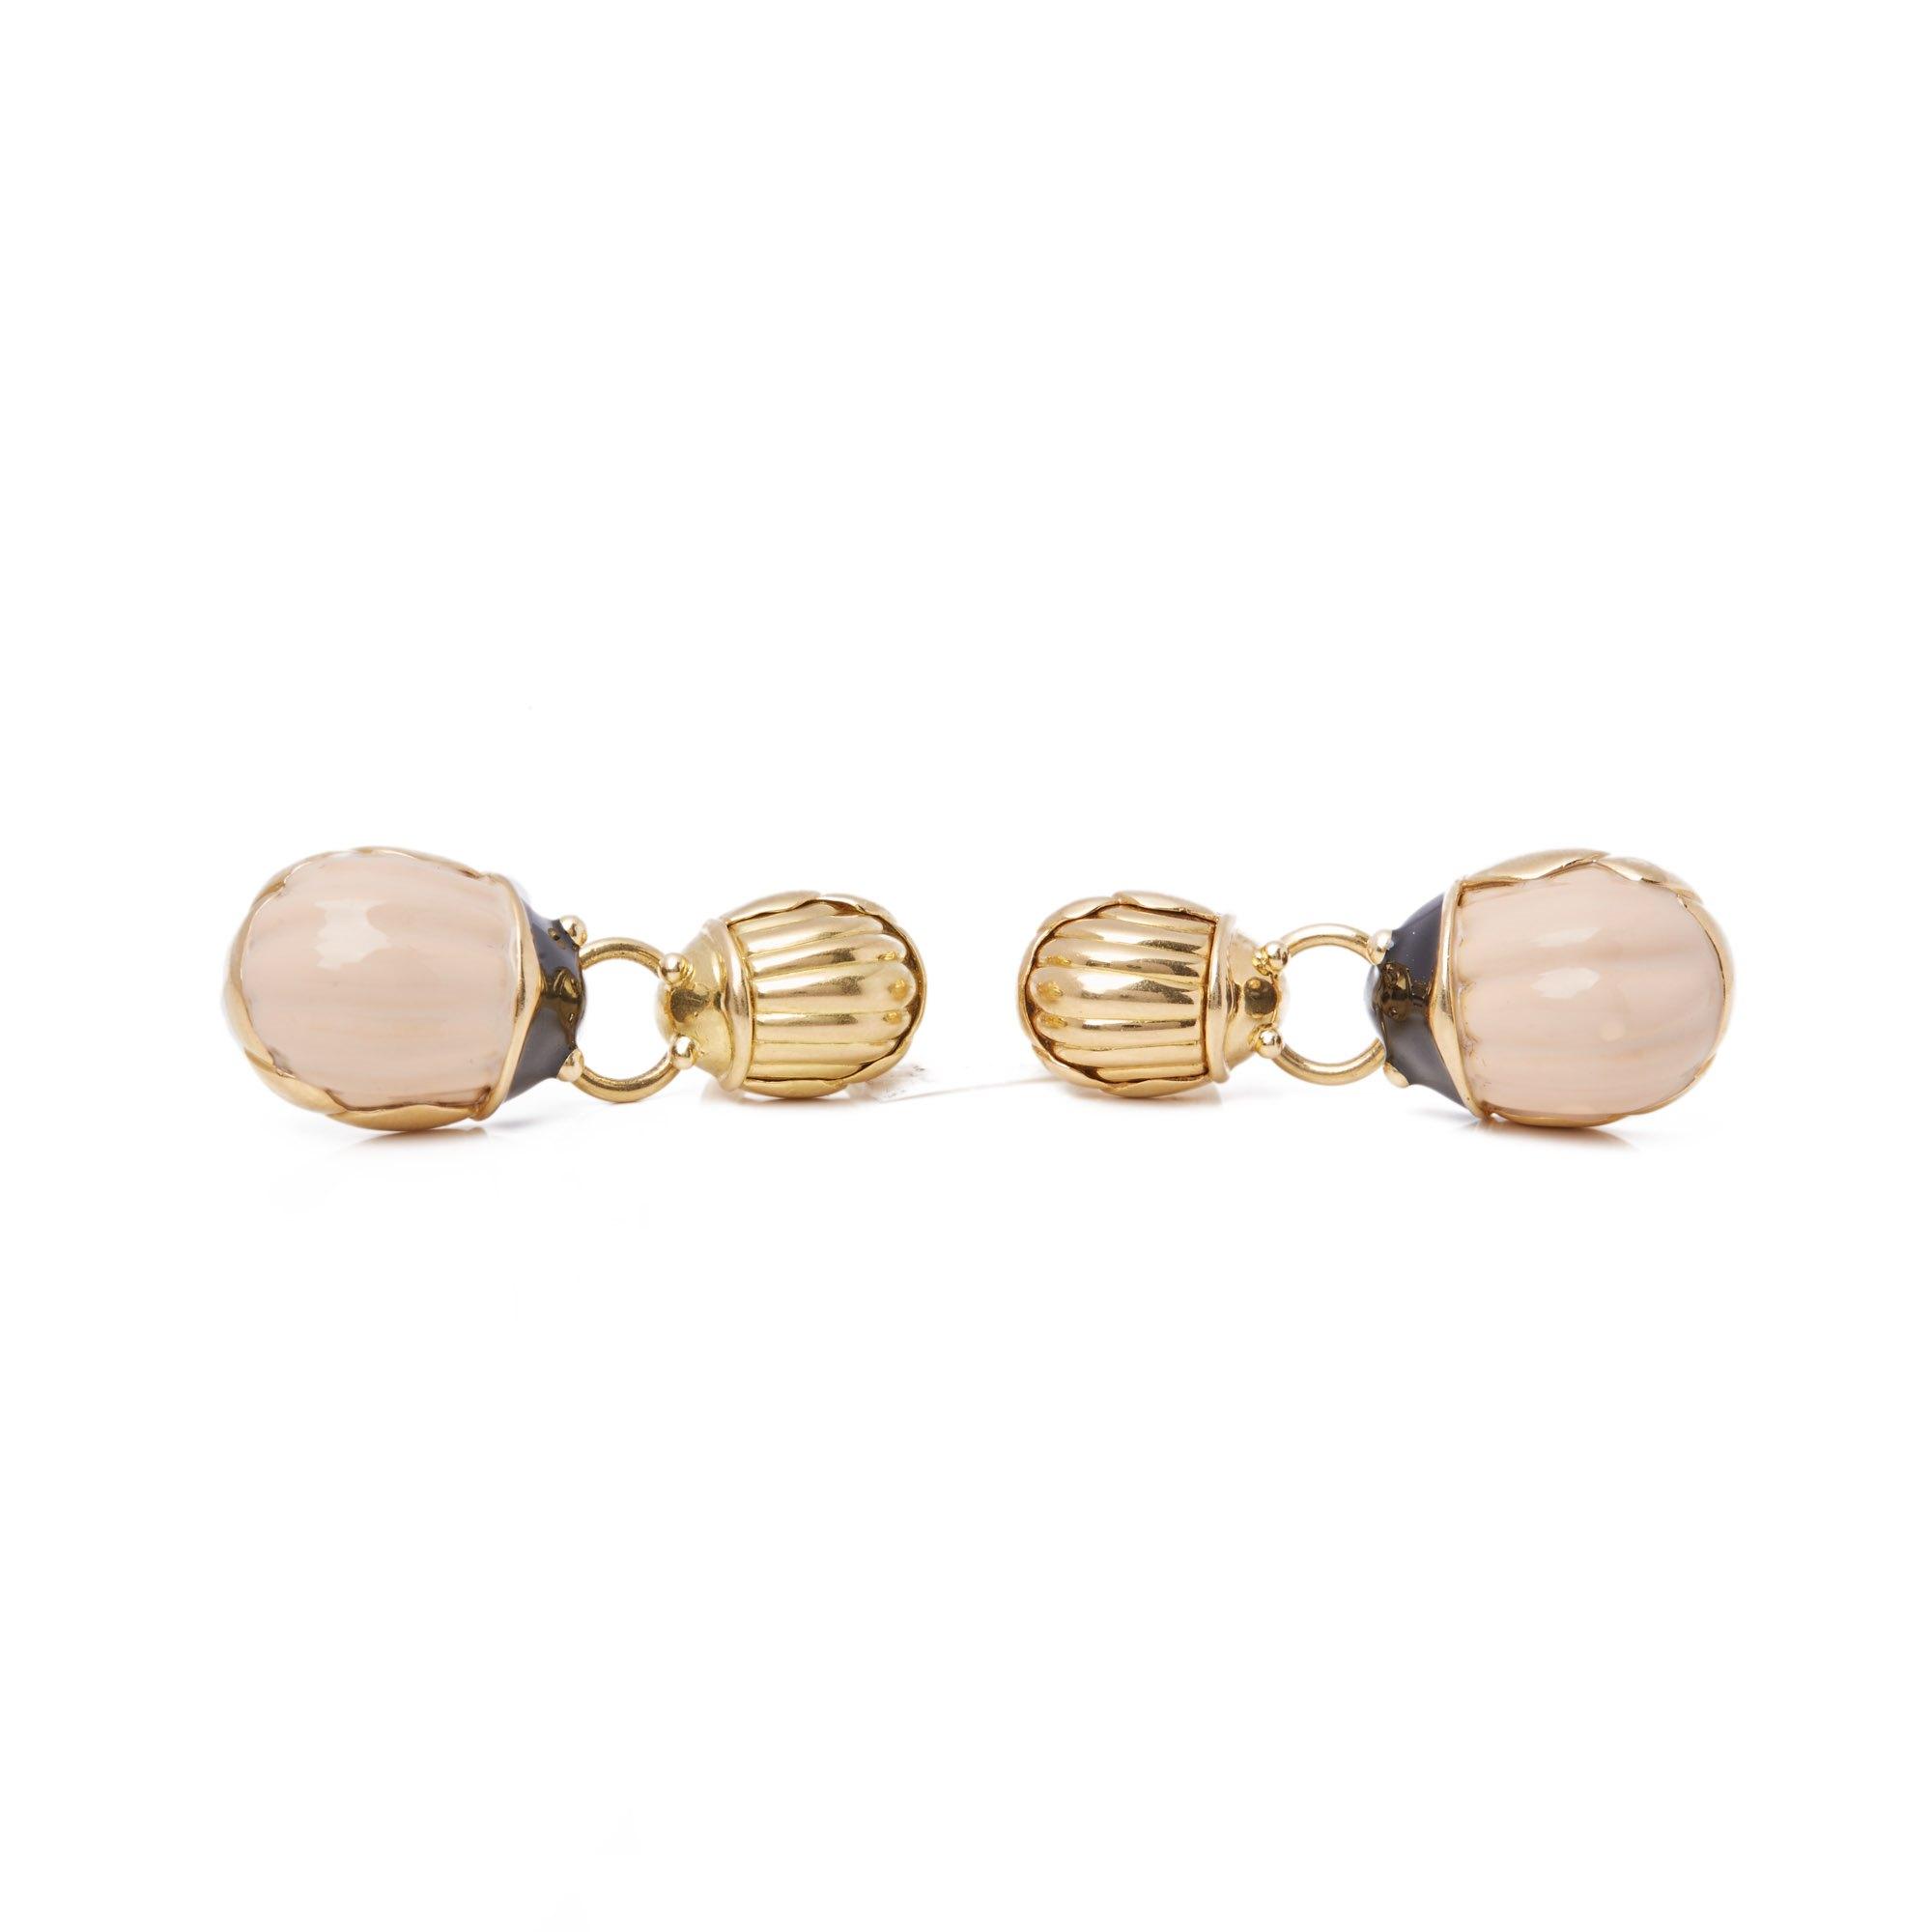 Tiffany & Co. 18k Yellow Gold Enamel Beetle Drop Earrings